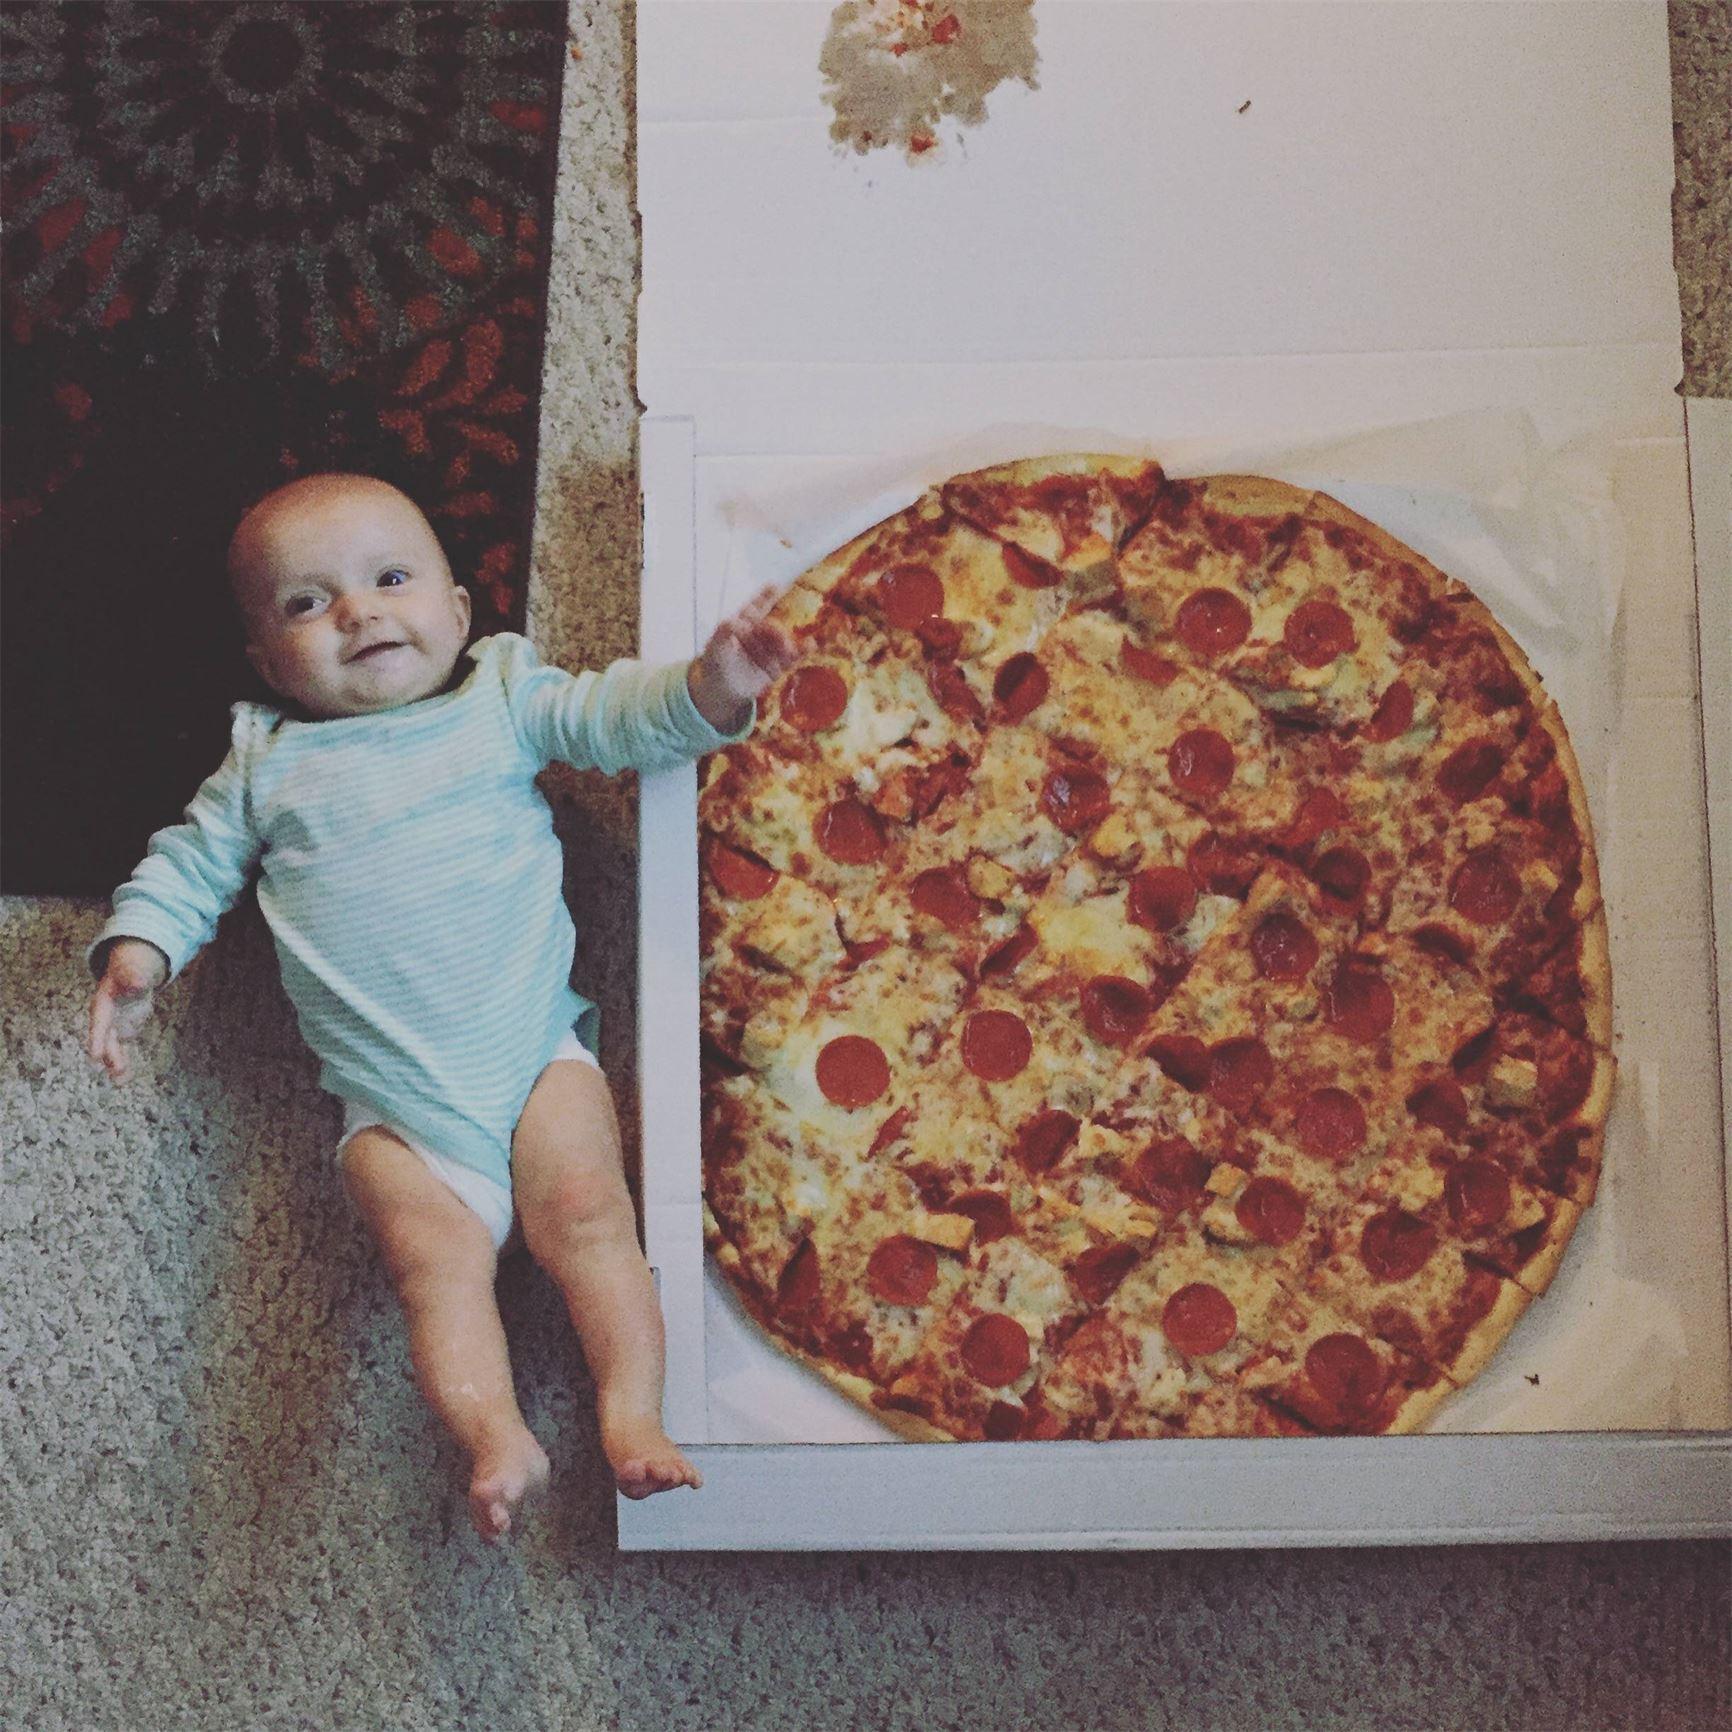 есть все смешные фото пиццы этим характеристикам